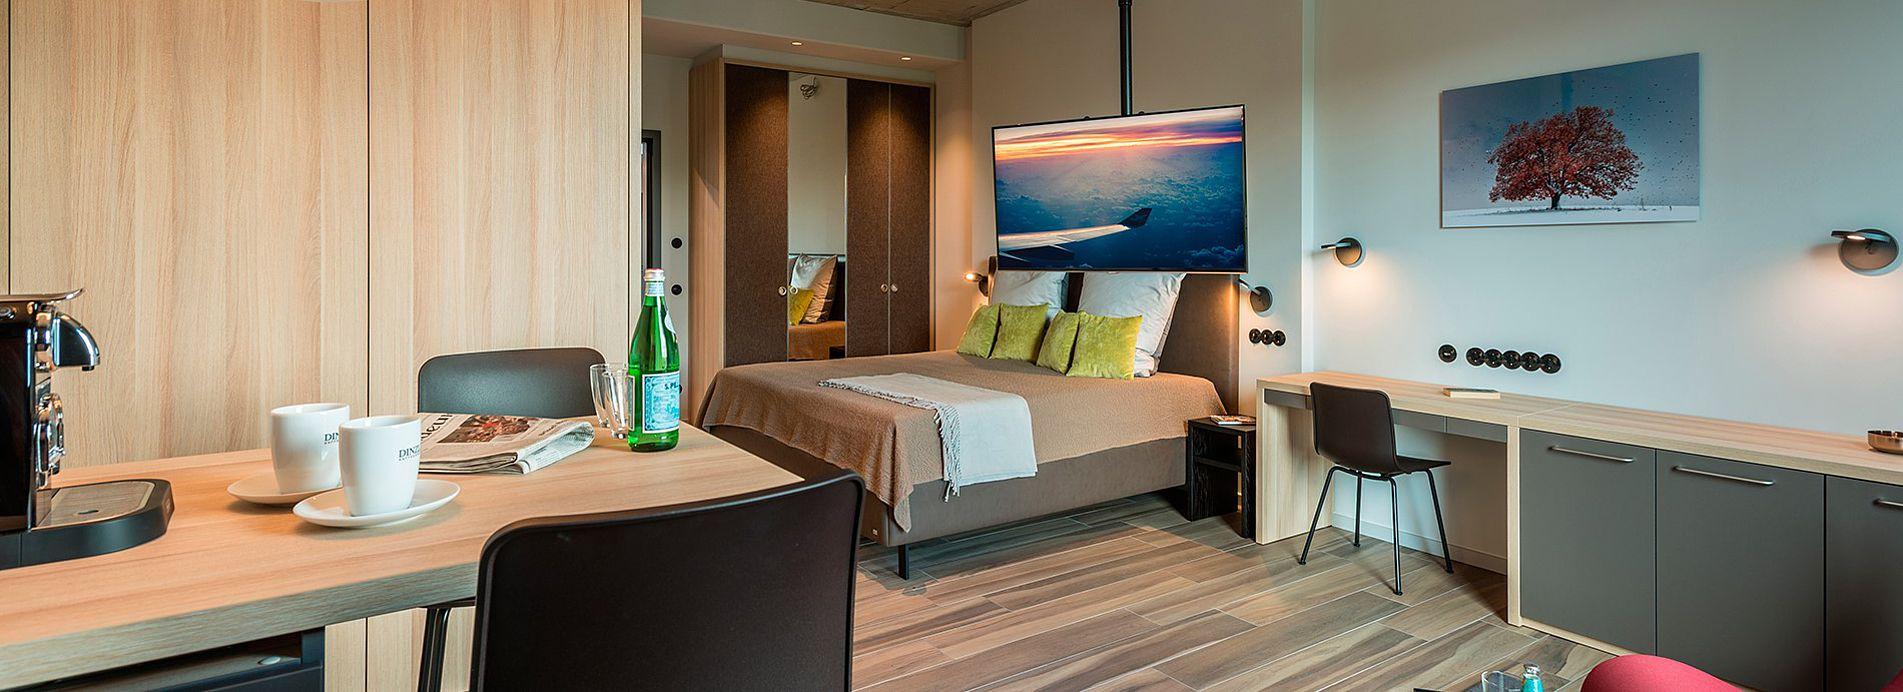 golden ball moderne nichtraucher zimmer mit spa nutzung und weitl ufiger aussicht classic. Black Bedroom Furniture Sets. Home Design Ideas